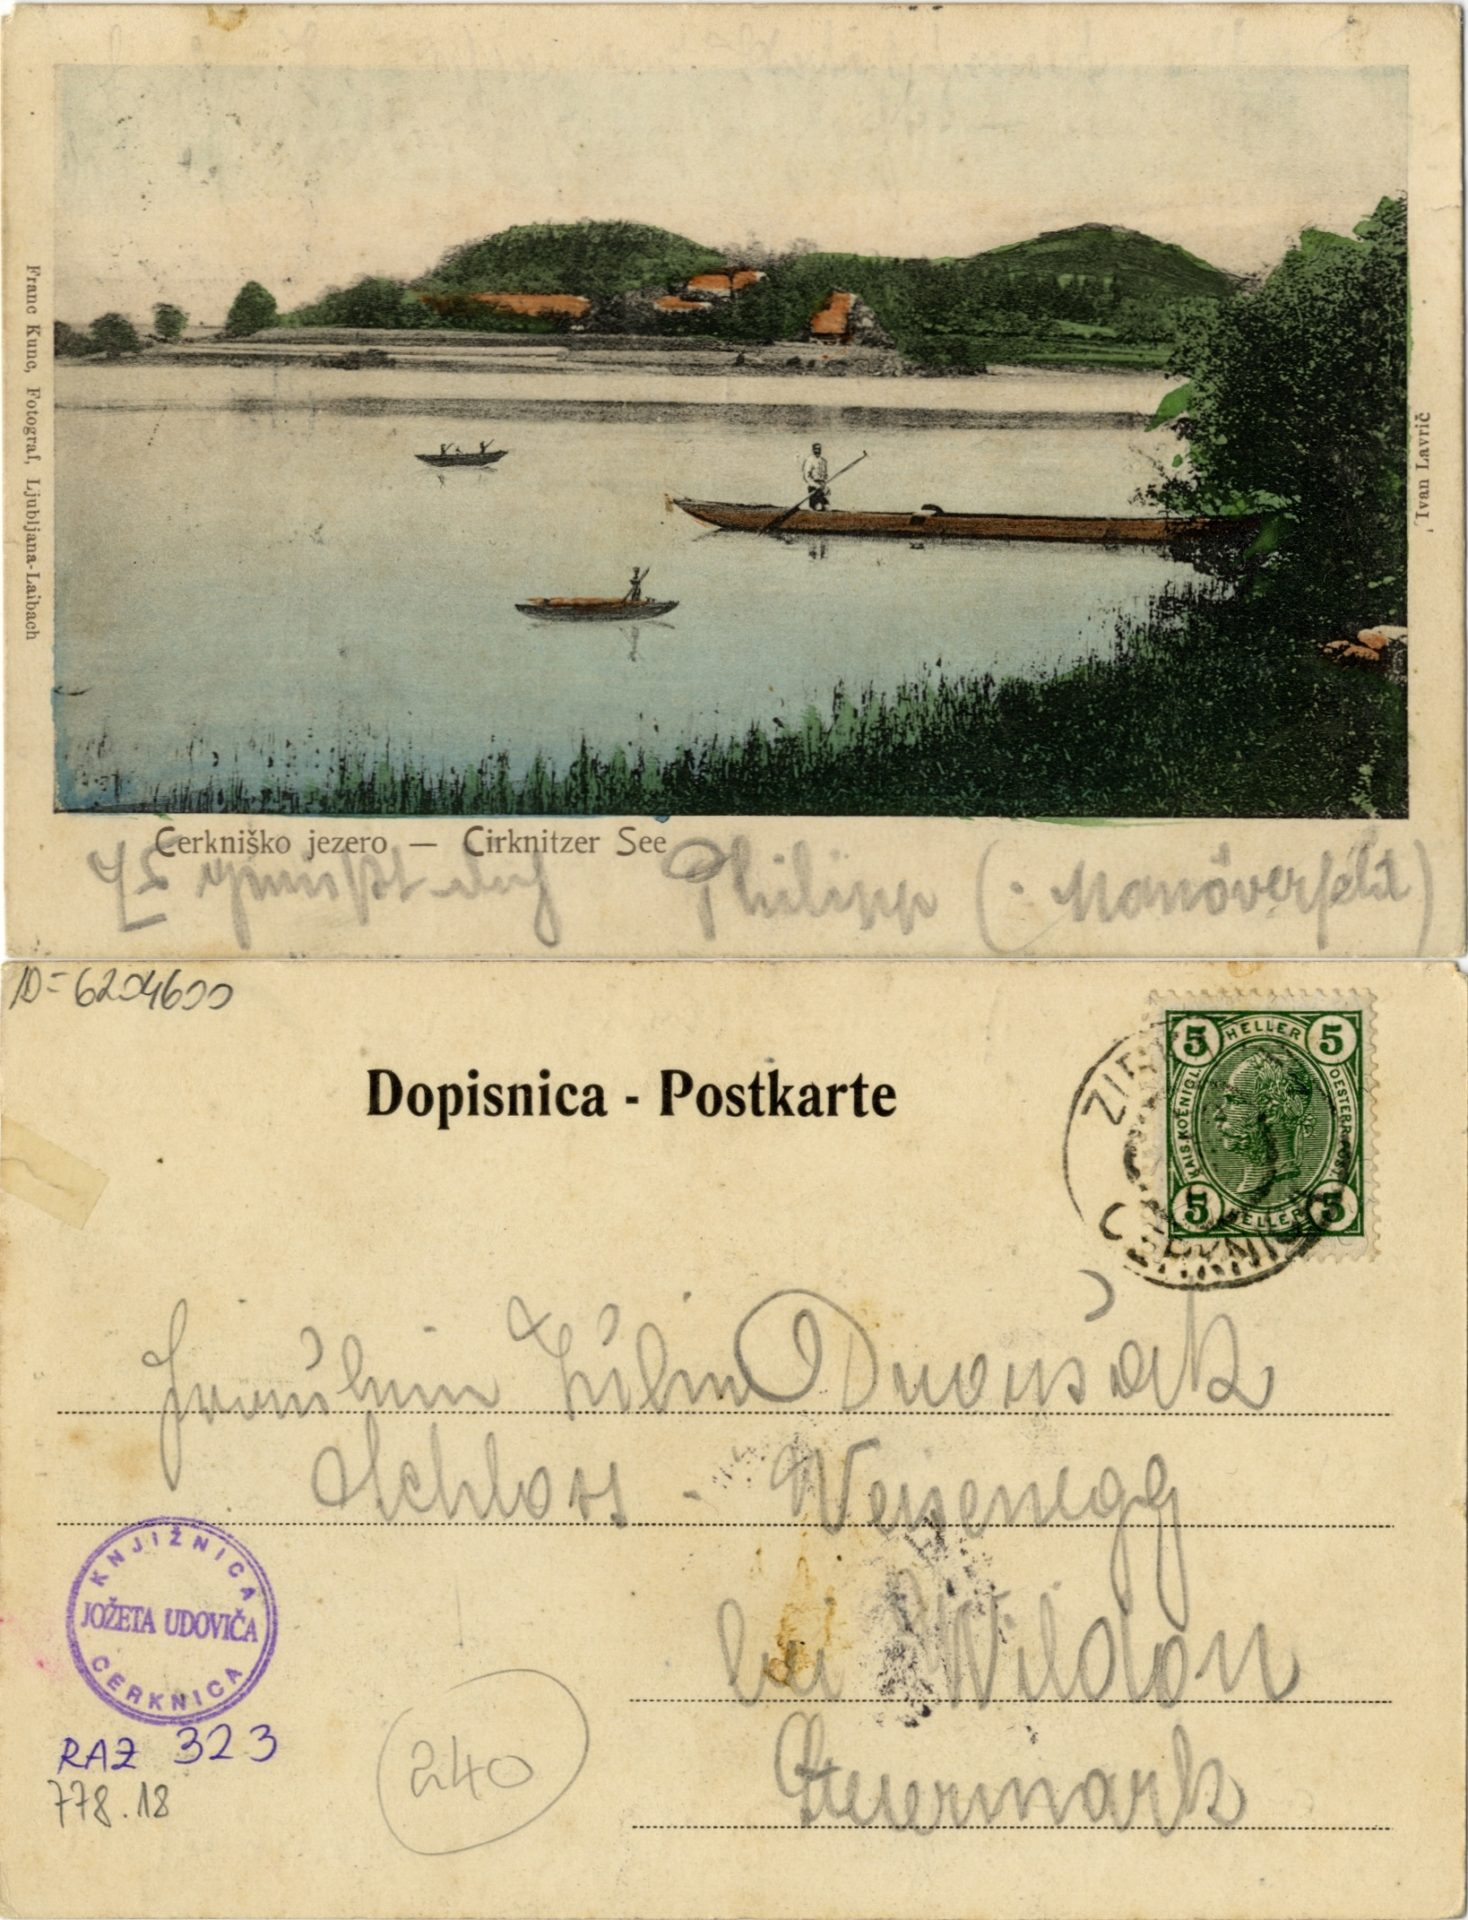 zlimano 3 - Cerkniško jezero